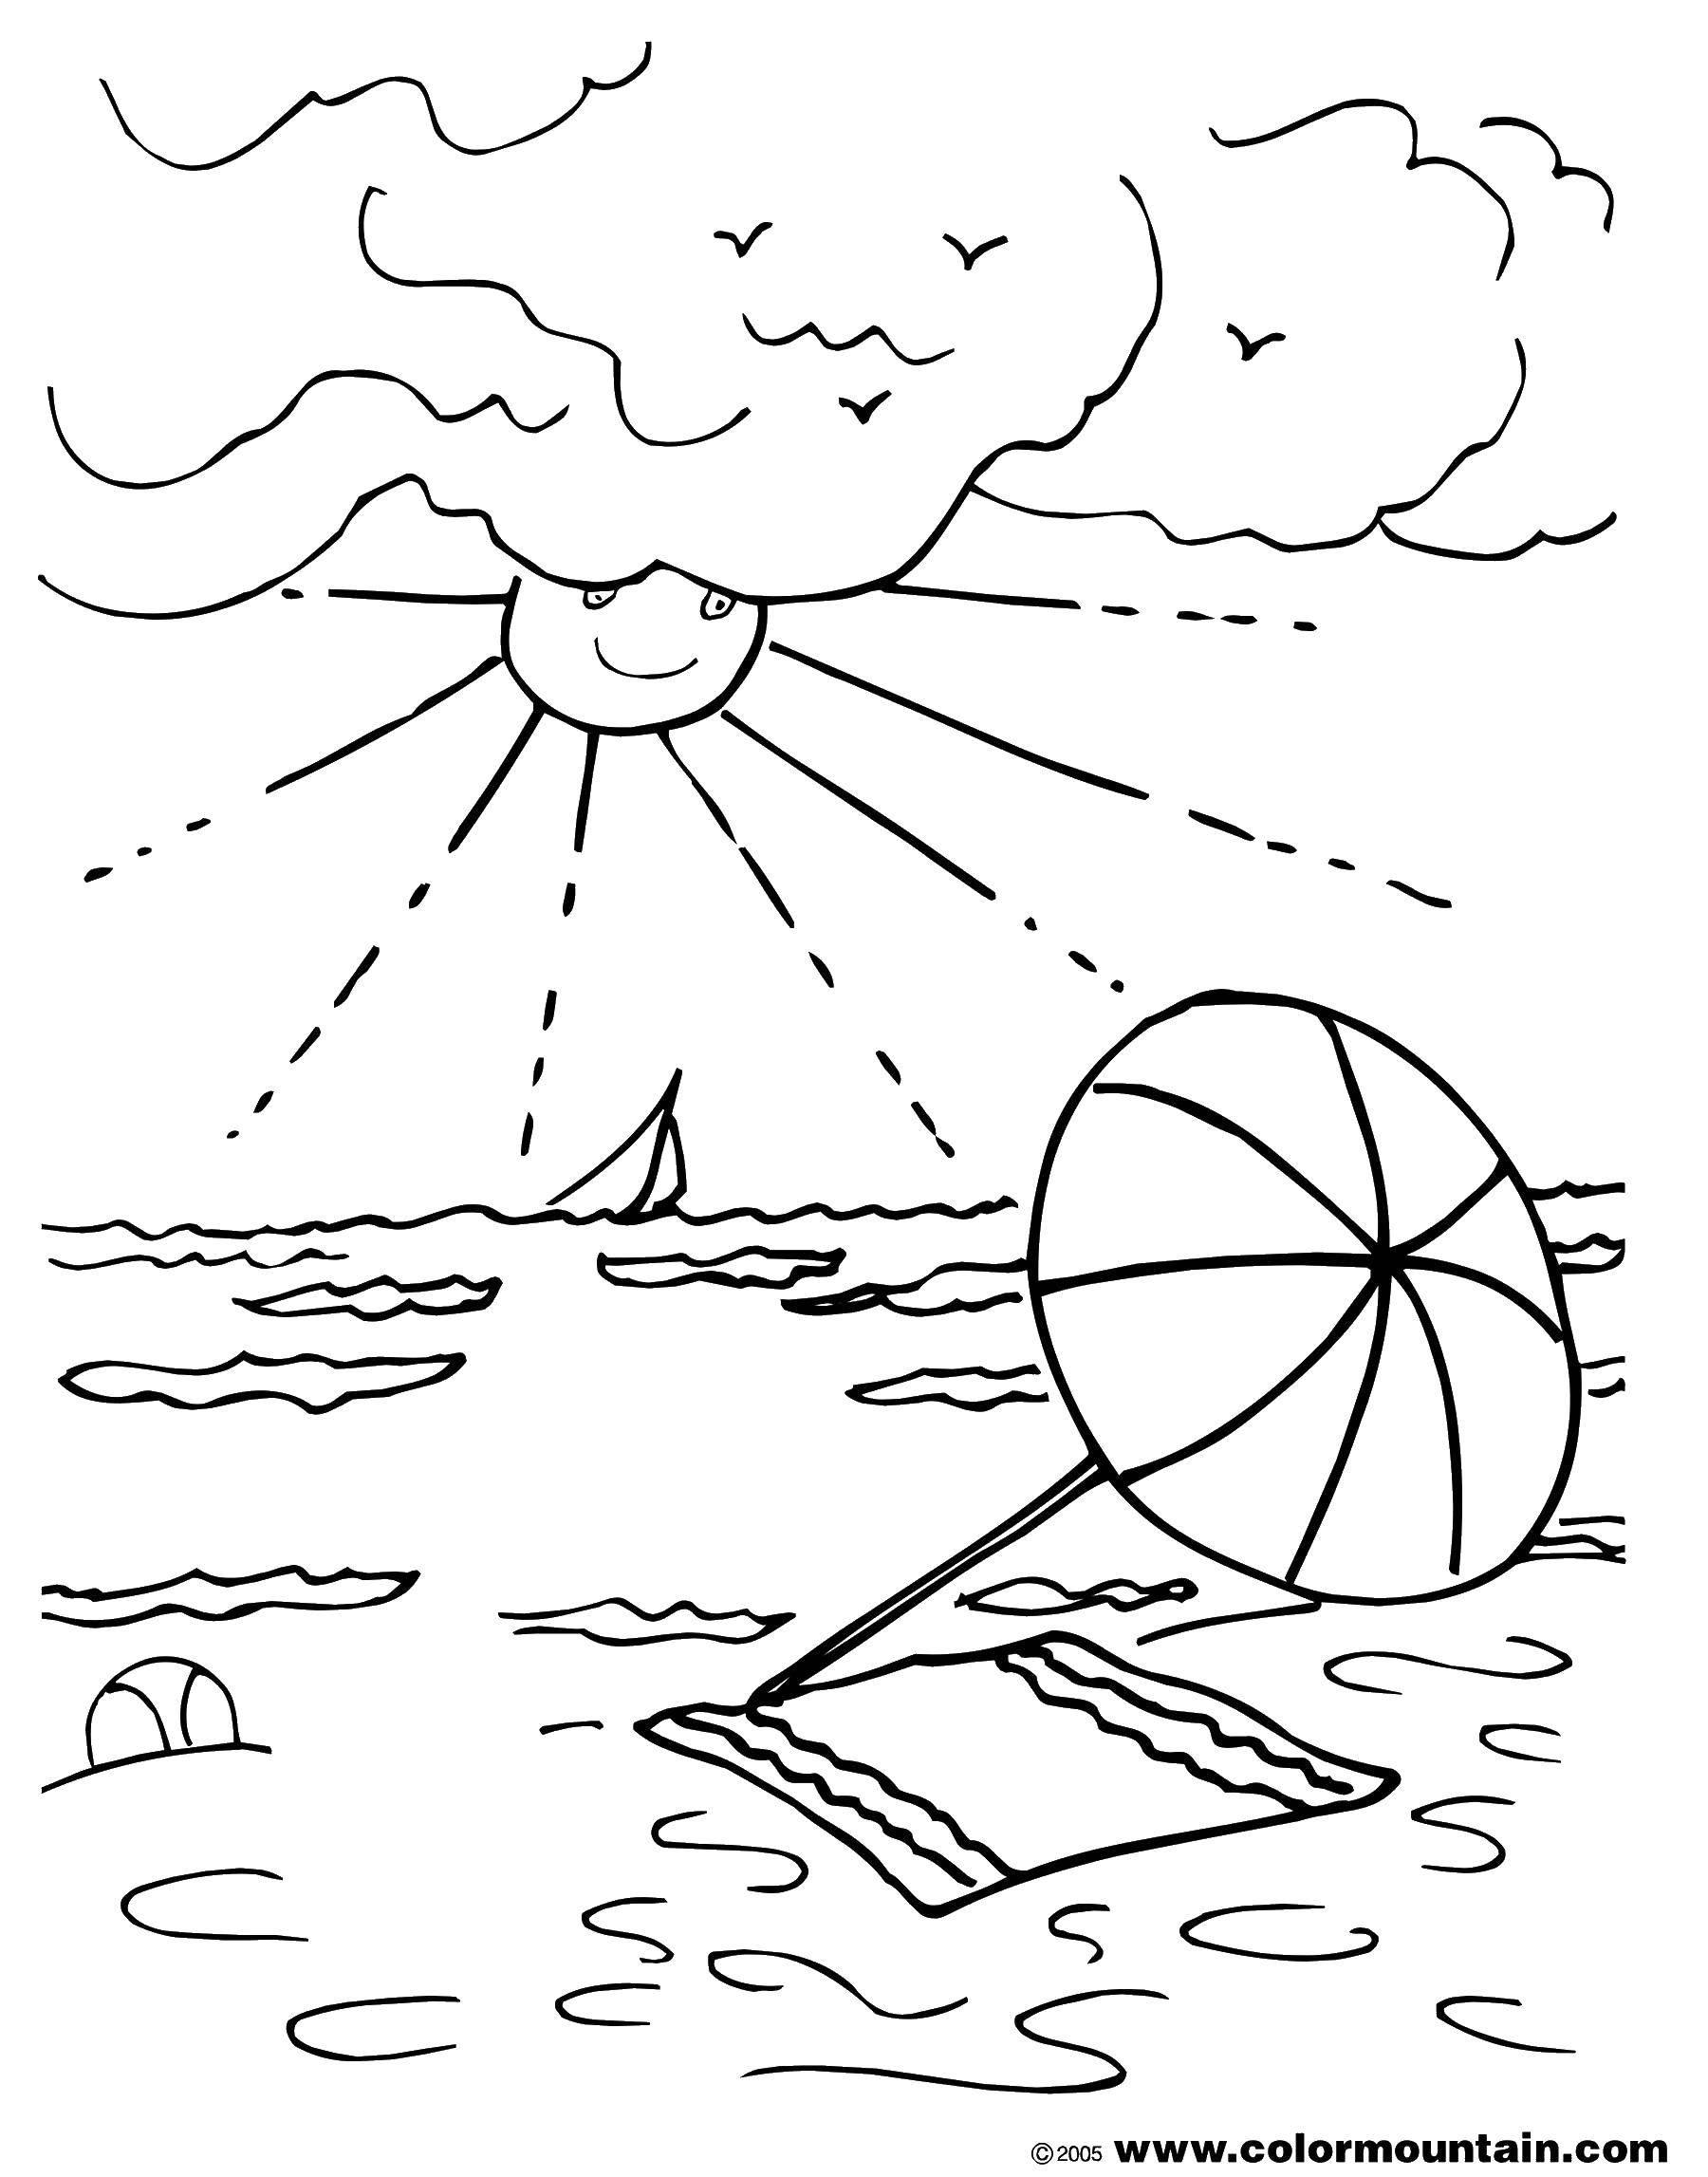 картинка для раскрашивания как я провел лето дореволюционные